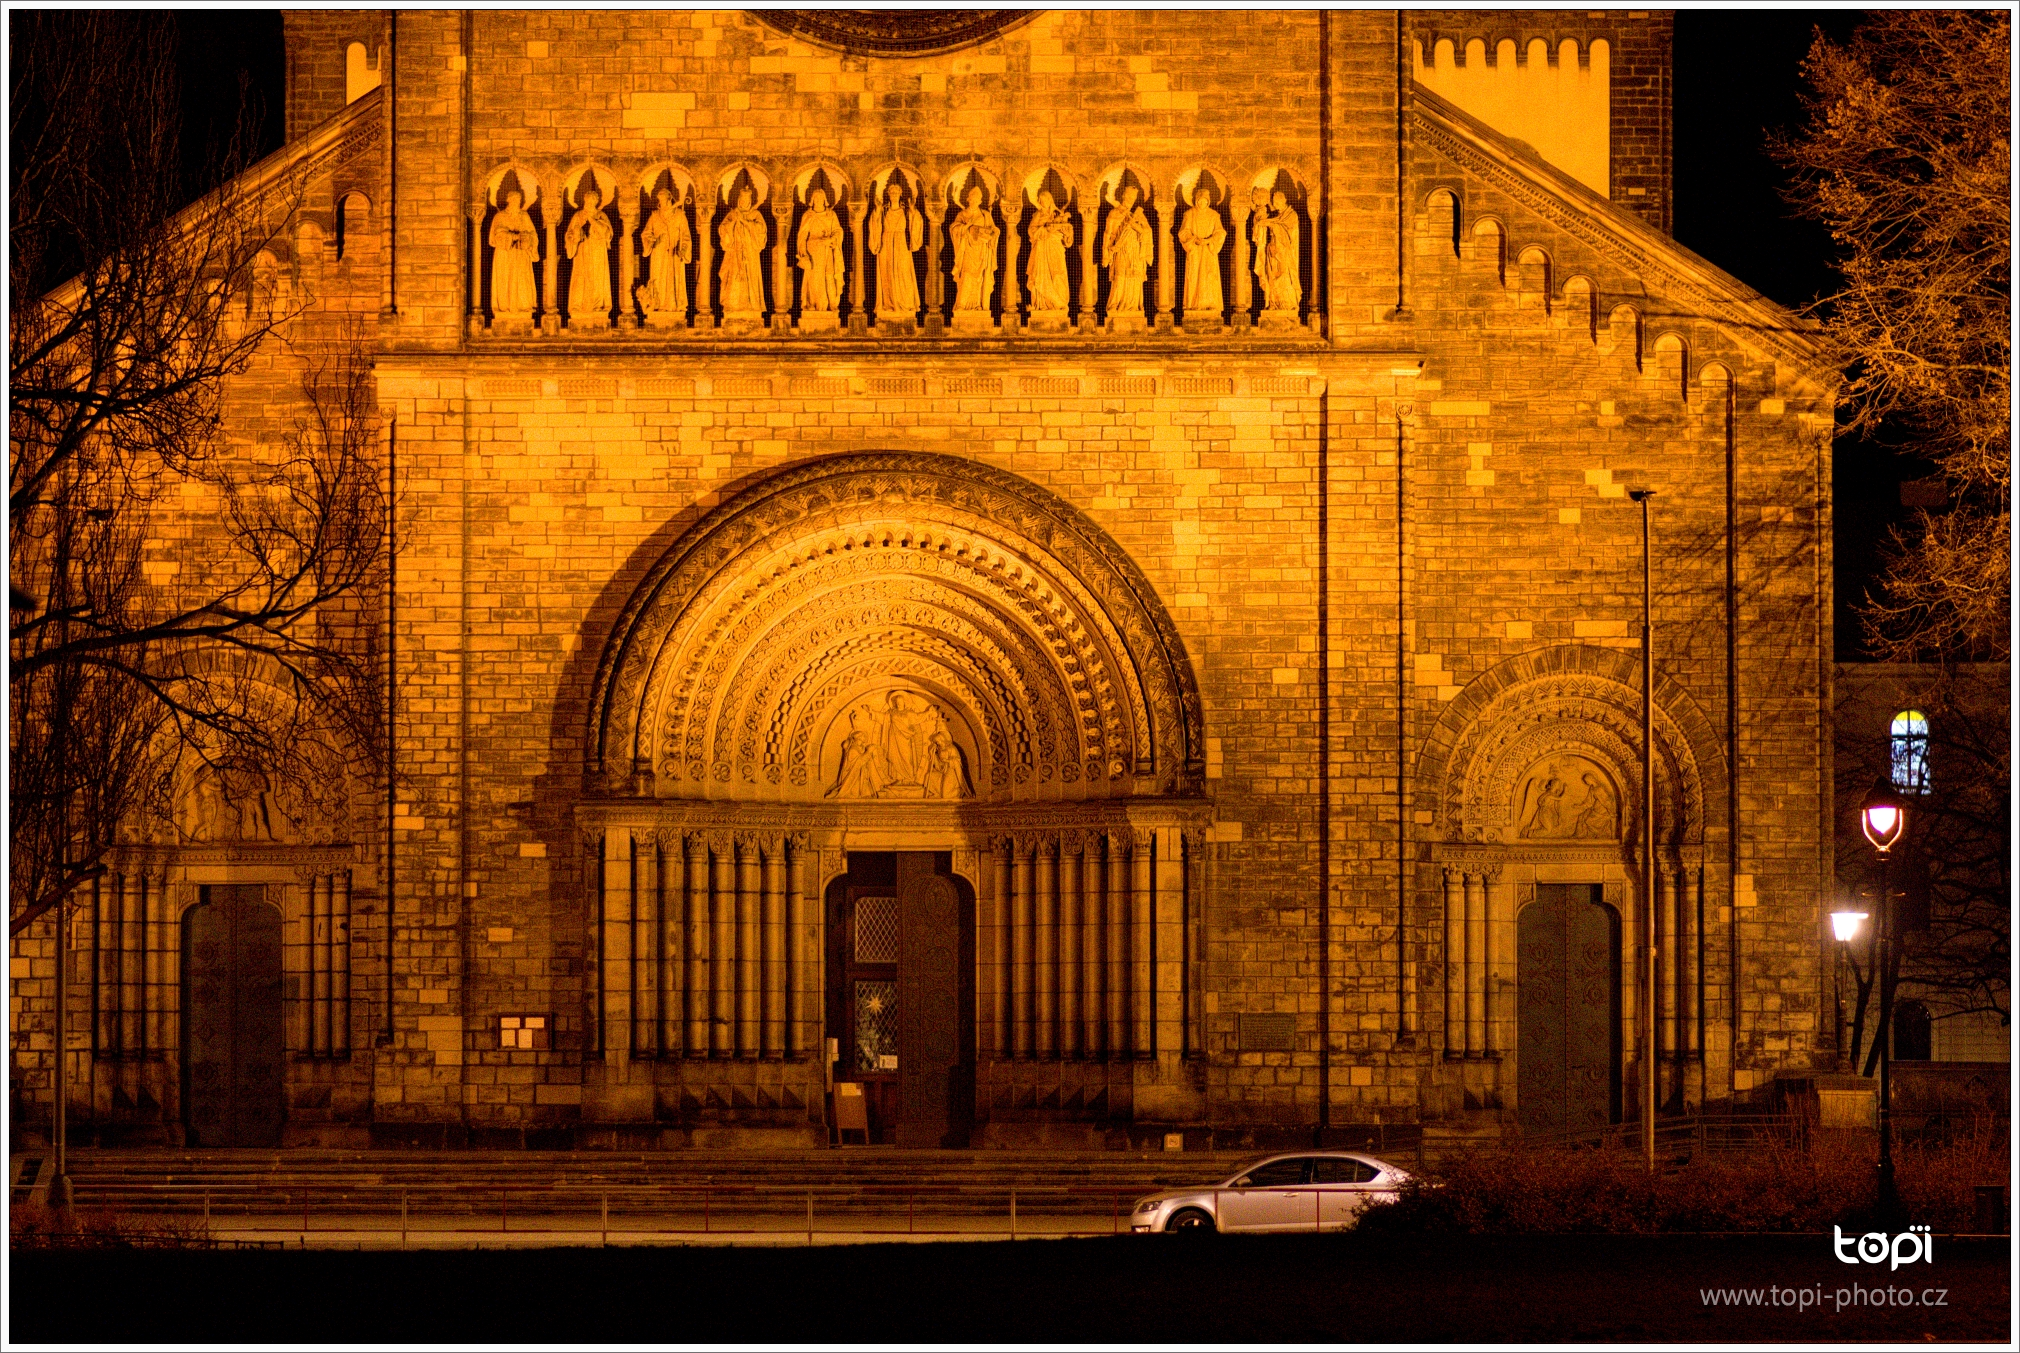 Kostel sv. Cyrila a Metoděje. Místo, které po povodní v Karlíně v roce 2002 zásadně změnila tvář Karlína. A pomohla k vnitřní rekonstrukci kostela.